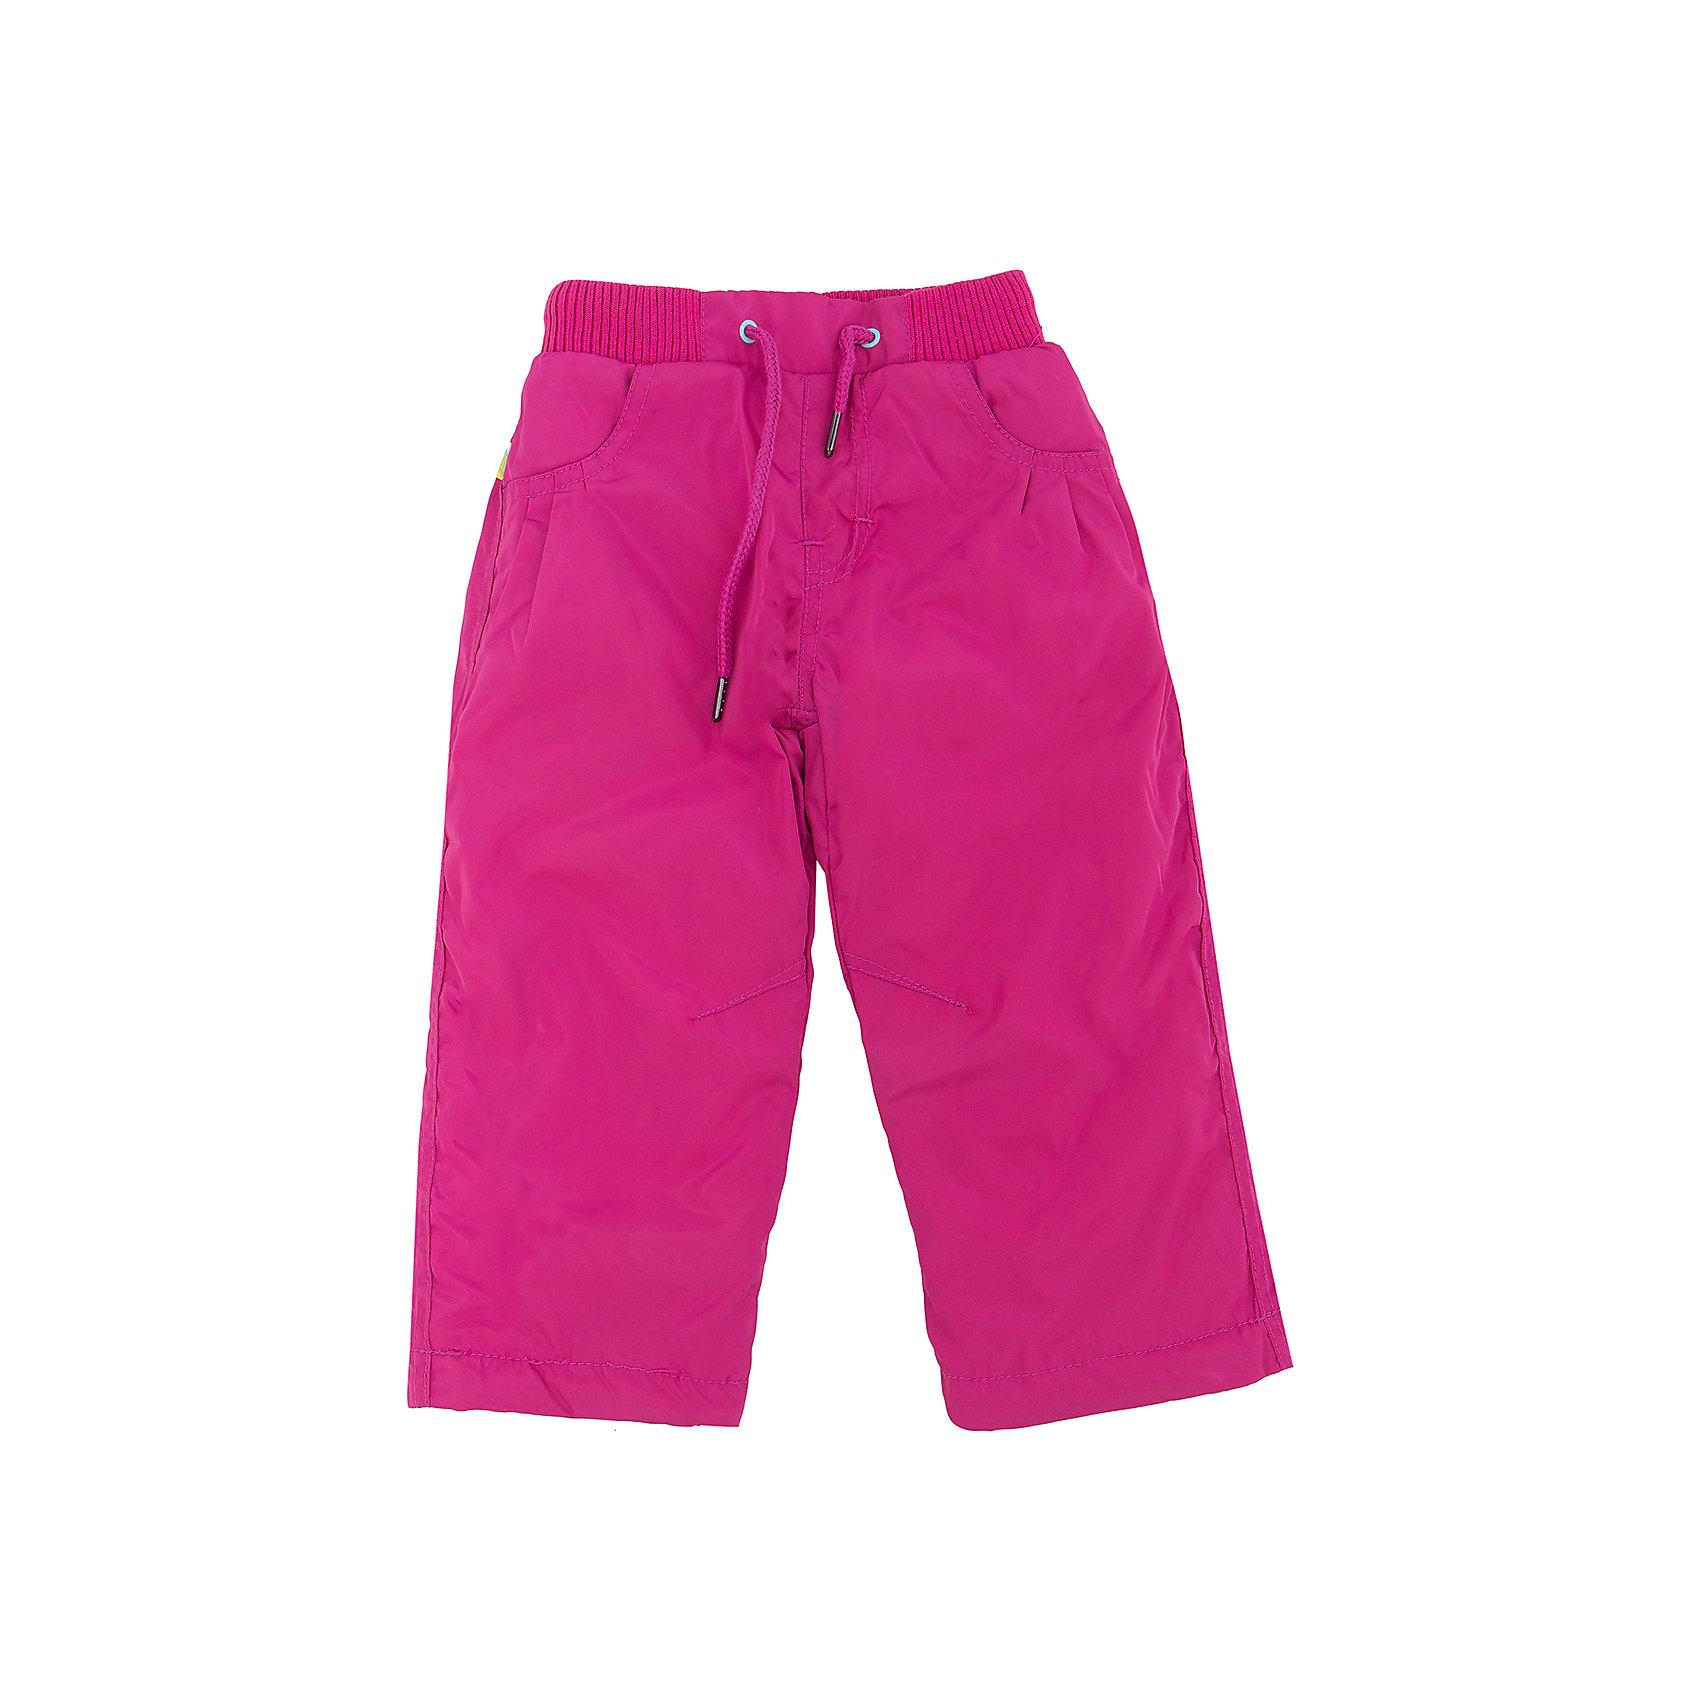 Брюки для девочки Sweet BerryТакая модель брюк для девочки отличается теплой подкладкой и непромокаемым верхом. Удачный крой обеспечит ребенку комфорт и тепло. Мягкая и теплая подкладка делает вещь идеальной для прохладной погоды. Она плотно прилегает к телу там, где нужно, и отлично сидит по фигуре. Брюки имеют резинку и шнурок на талии. <br>Одежда от бренда Sweet Berry - это простой и выгодный способ одеть ребенка удобно и стильно. Всё изделия тщательно проработаны: швы - прочные, материал - качественный, фурнитура - подобранная специально для детей. <br><br>Дополнительная информация:<br><br>цвет: розовый;<br>резинка и шнурок на талии;<br>материал: верх, наполнитель, подкладка - 100% полиэстер;<br>непромокаемый верх.<br><br>Брюки для девочки от бренда Sweet Berry можно купить в нашем интернет-магазине.<br><br>Ширина мм: 215<br>Глубина мм: 88<br>Высота мм: 191<br>Вес г: 336<br>Цвет: розовый<br>Возраст от месяцев: 12<br>Возраст до месяцев: 18<br>Пол: Женский<br>Возраст: Детский<br>Размер: 86,80,98,92<br>SKU: 4931223